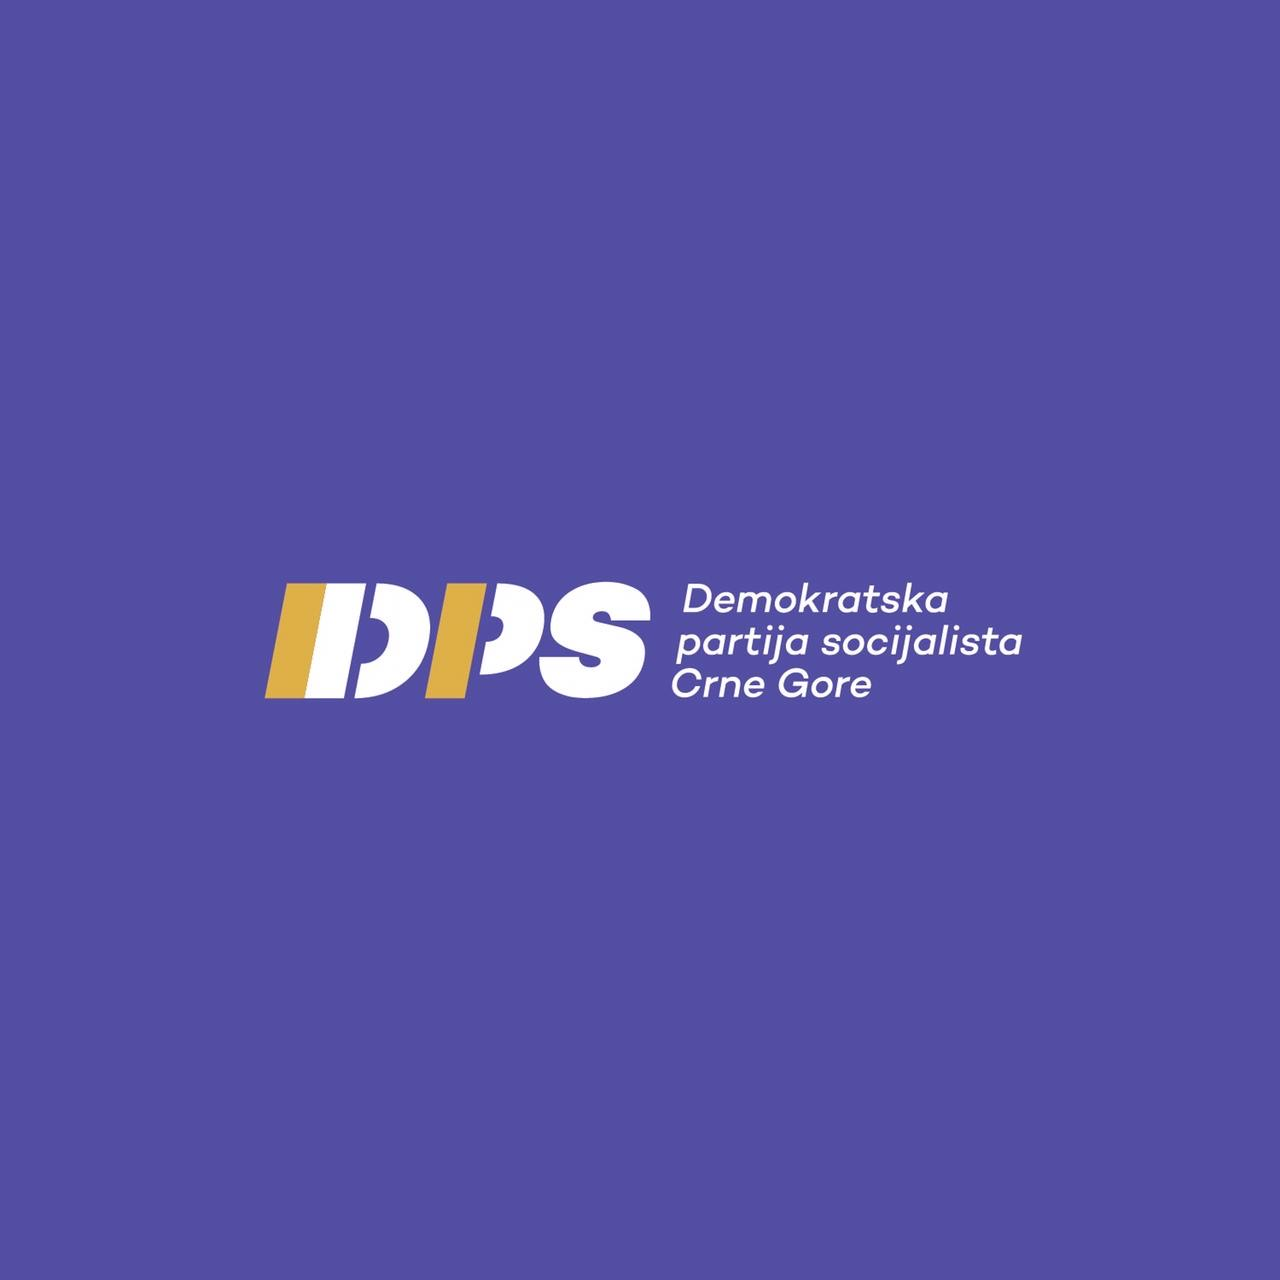 Odbor DPS Glavnog grada: Politički piromani iz DF podmeću nove vatre